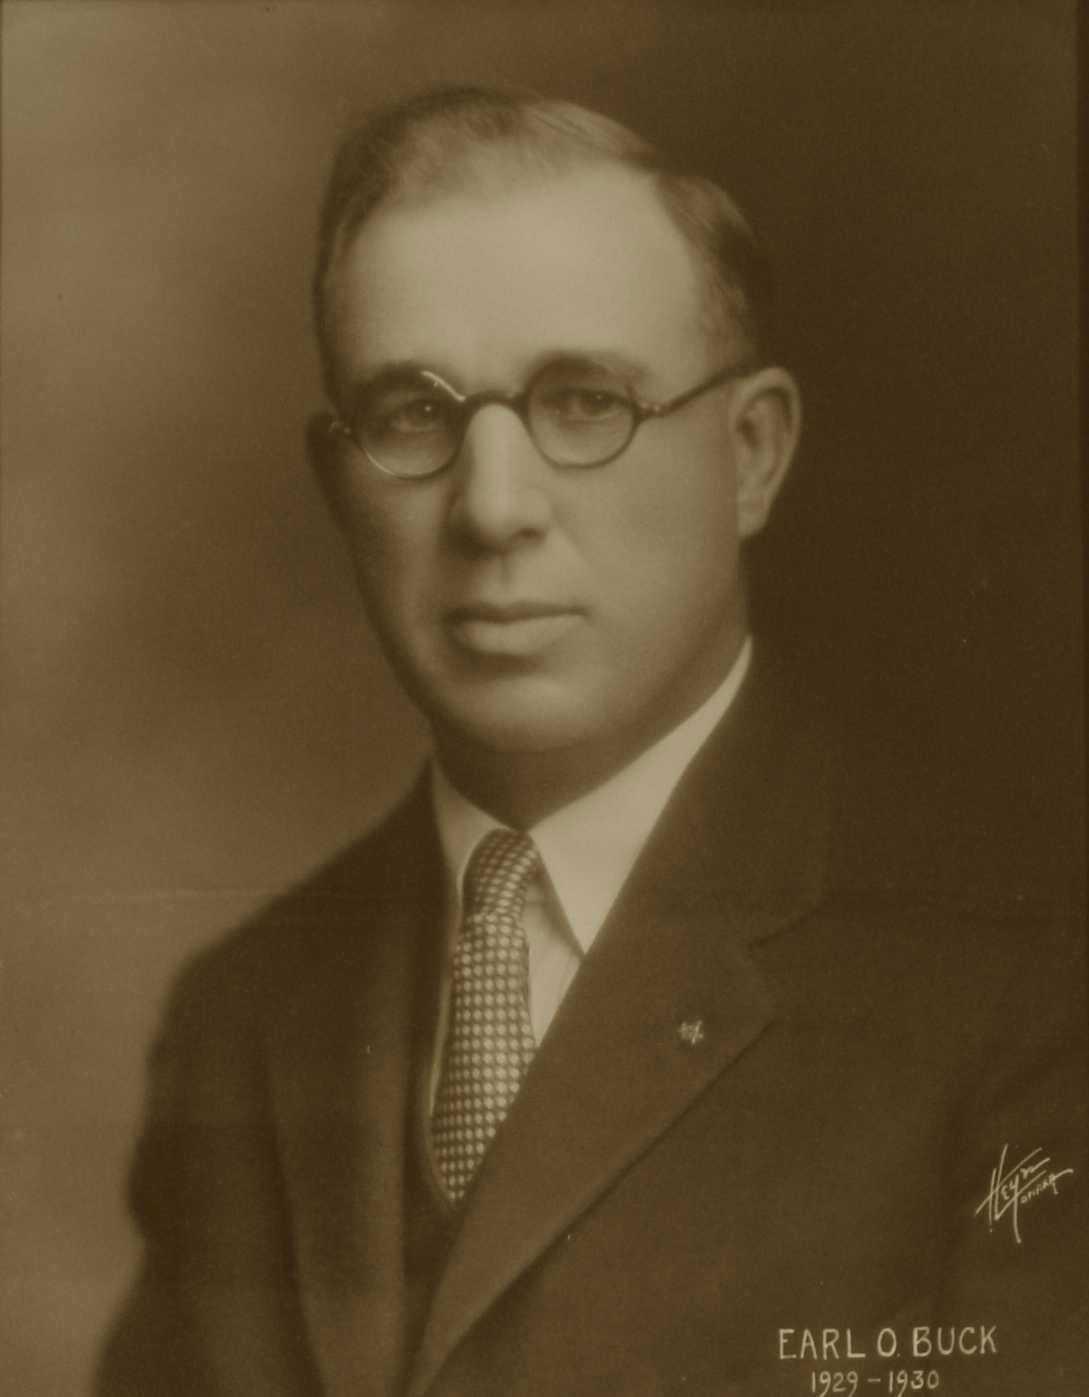 Earl O. Buck, 1929-1930